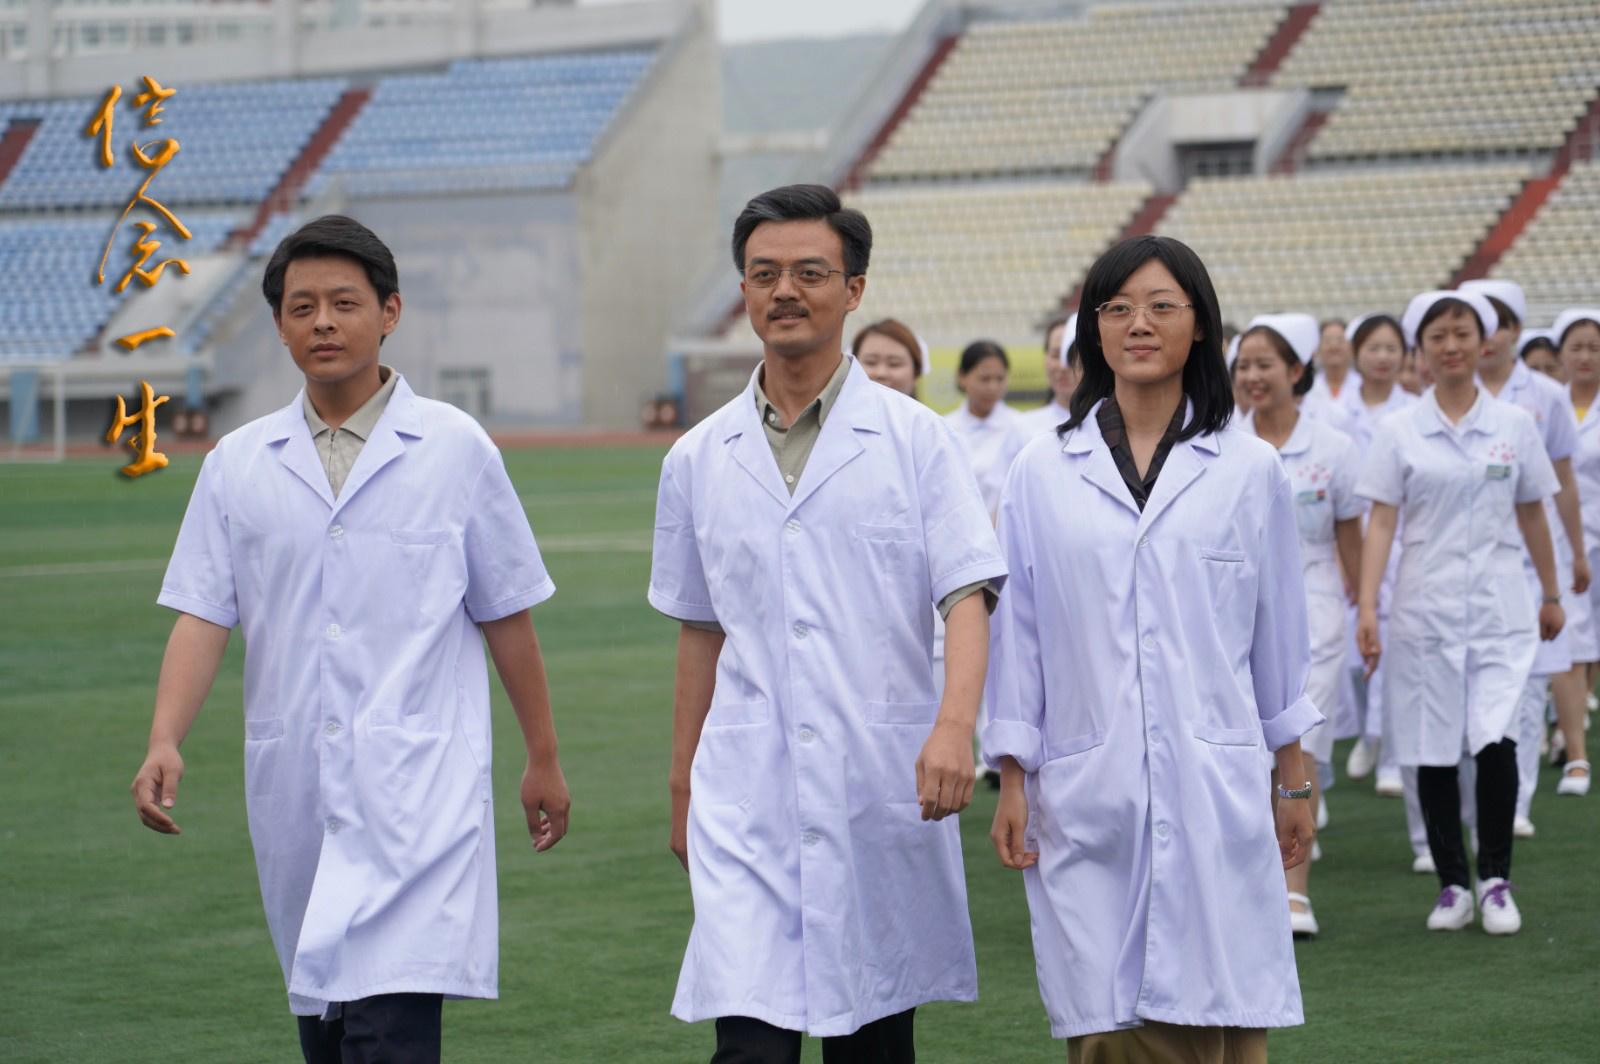 《信念一生》曝终极海报 医师节公映致敬中国医生